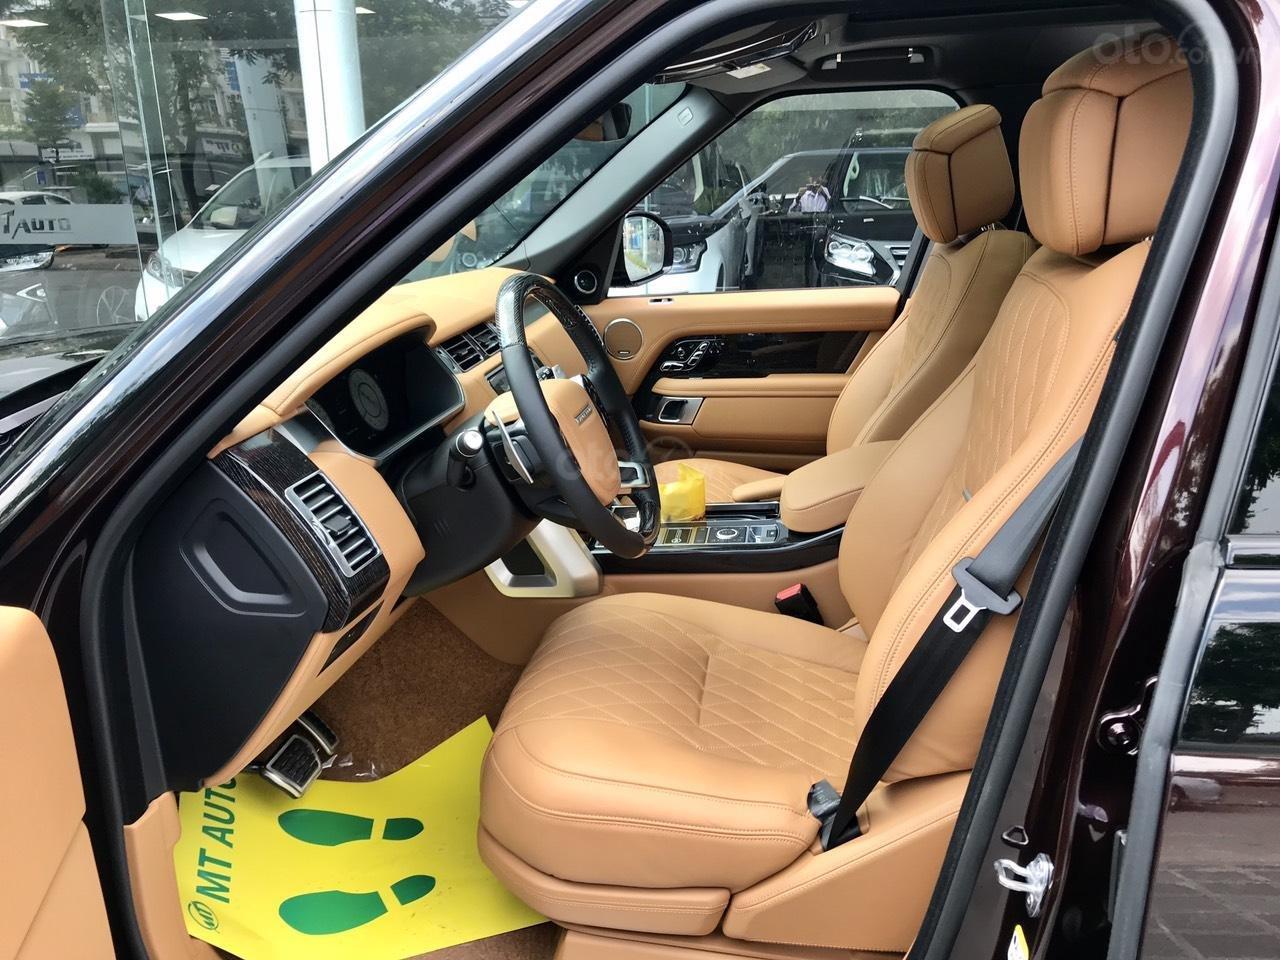 Bán xe Range Rover SV Autobiography 3.0 màu đỏ 2020, xe có sẵn giao ngay toàn quốc, giá tốt LH Ms Hương (6)